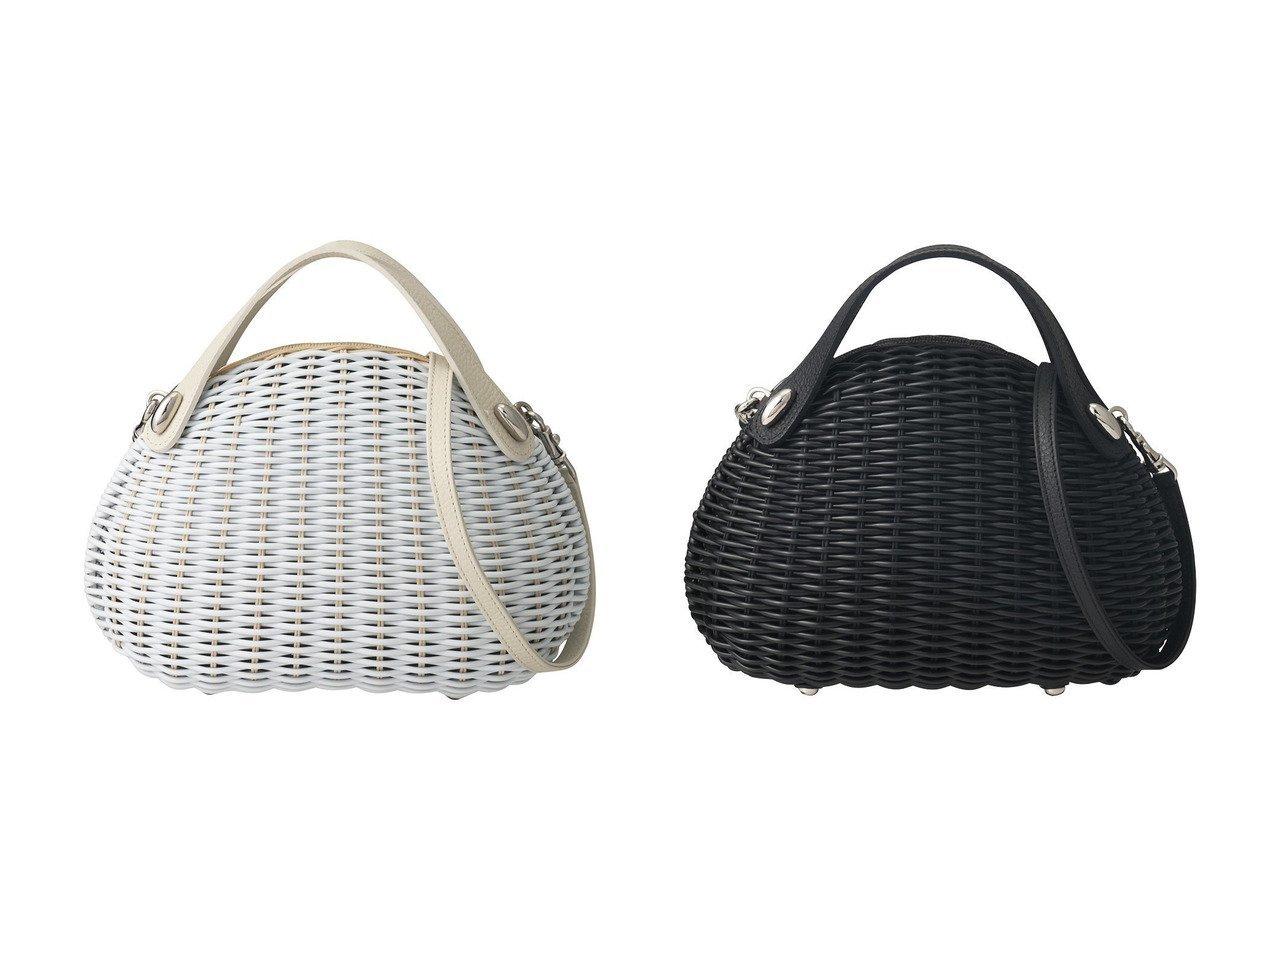 【heliopole/エリオポール】の【TOFF&LOADSTONE】Grandma s rattanハンドバッグ 【バッグ・鞄】おすすめ!人気、トレンド・レディースファッションの通販  おすすめで人気の流行・トレンド、ファッションの通販商品 インテリア・家具・メンズファッション・キッズファッション・レディースファッション・服の通販 founy(ファニー) https://founy.com/ ファッション Fashion レディースファッション WOMEN バッグ Bag 春 Spring クラシカル コンパクト ハンドバッグ ベーシック モダン ラタン S/S・春夏 SS・Spring/Summer 夏 Summer  ID:crp329100000062311